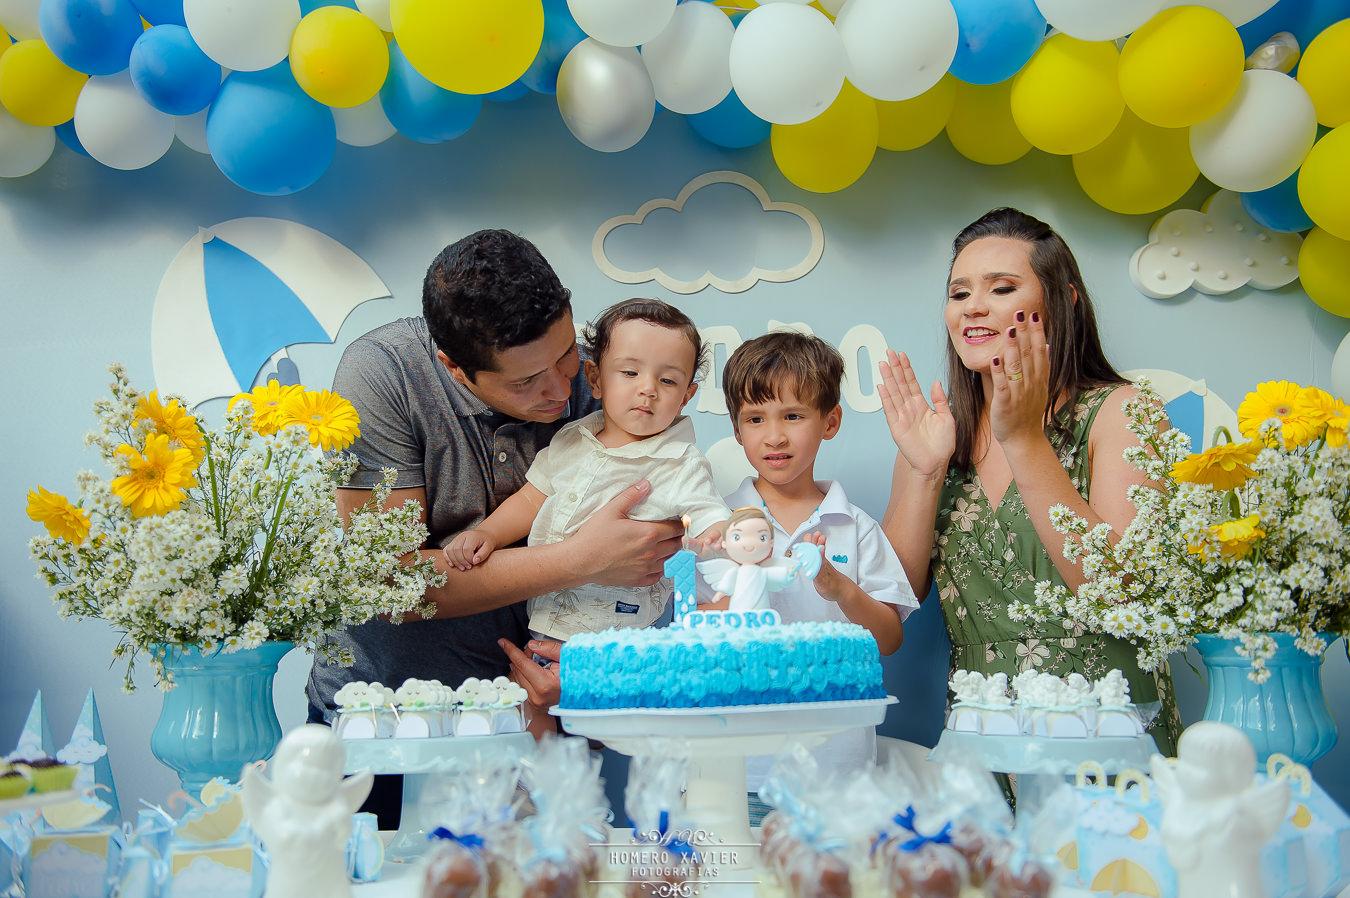 fotografia festa infantil chuva de bênçãos em bh